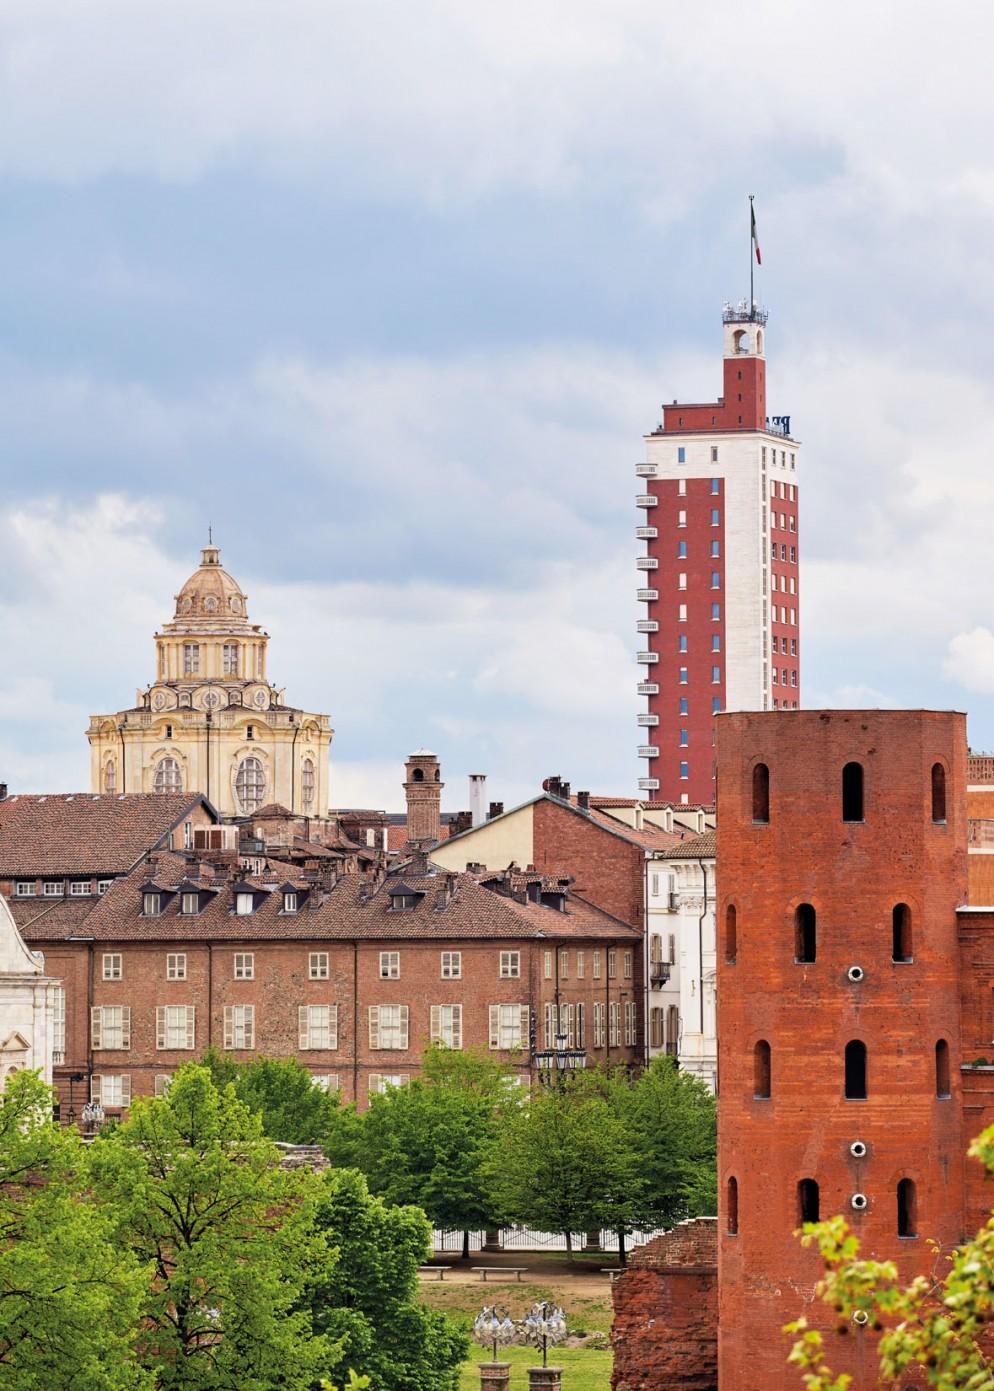 design-tour-torino-indirizzi-alberghi-ristoranti-musei-gallerie-15